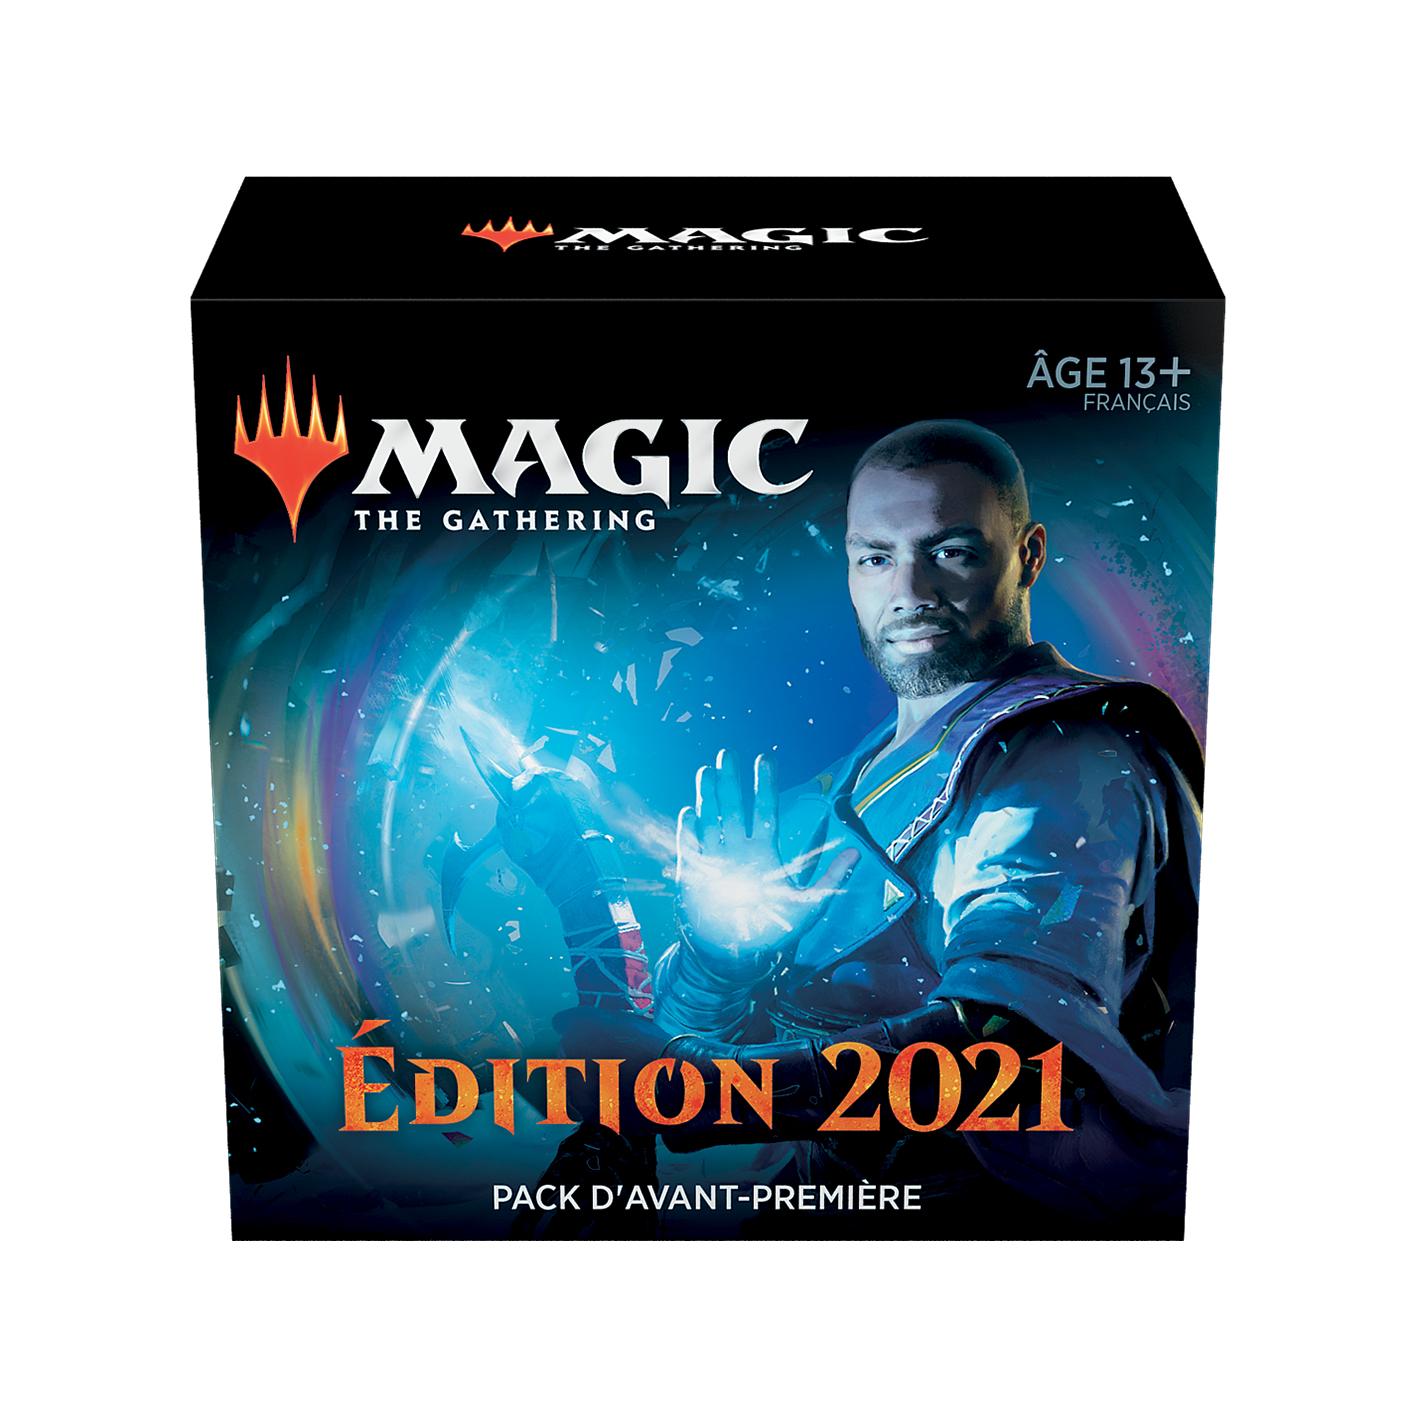 Boite de Pack d'avant-première Magic 2021